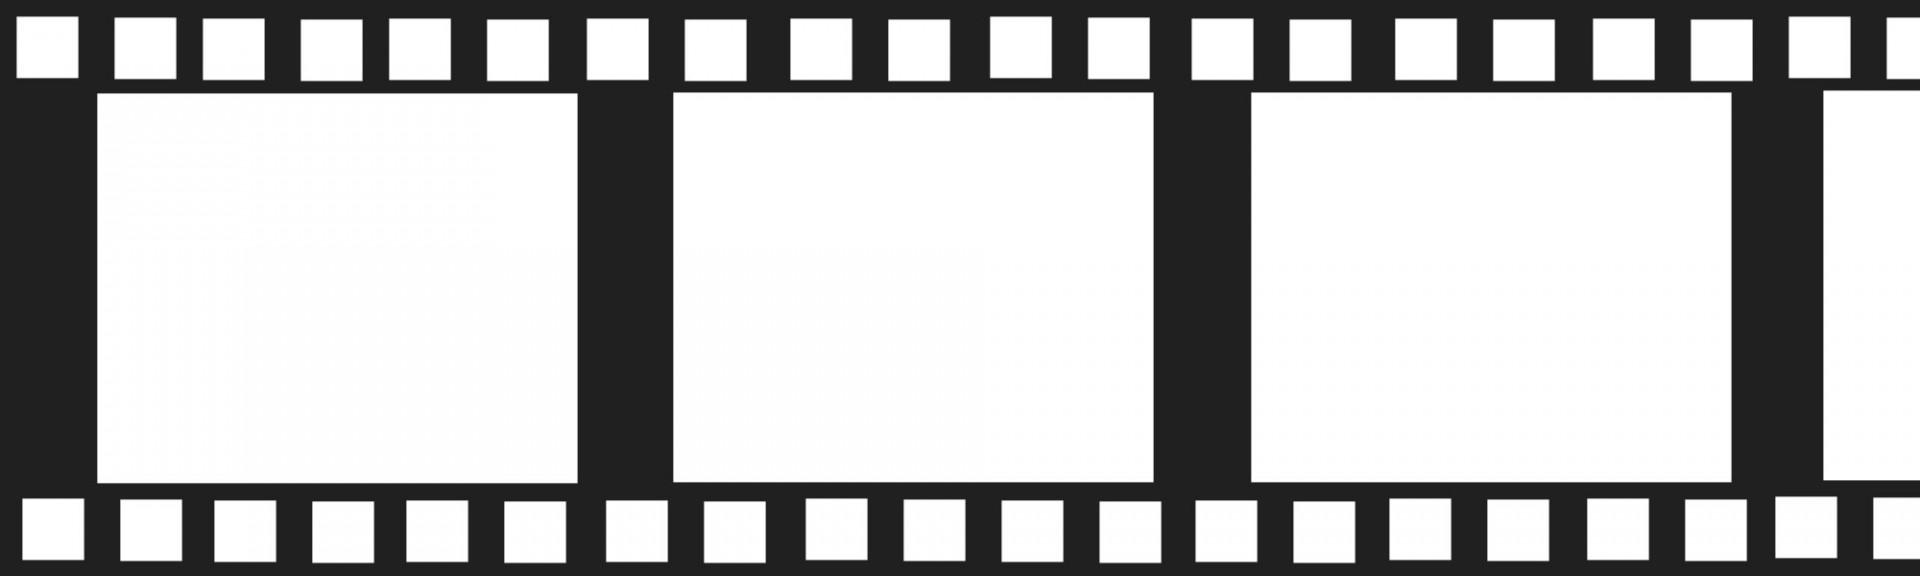 Film Strip Images Pictures Page 1 Clipar-Film strip images pictures page 1 clipart-7